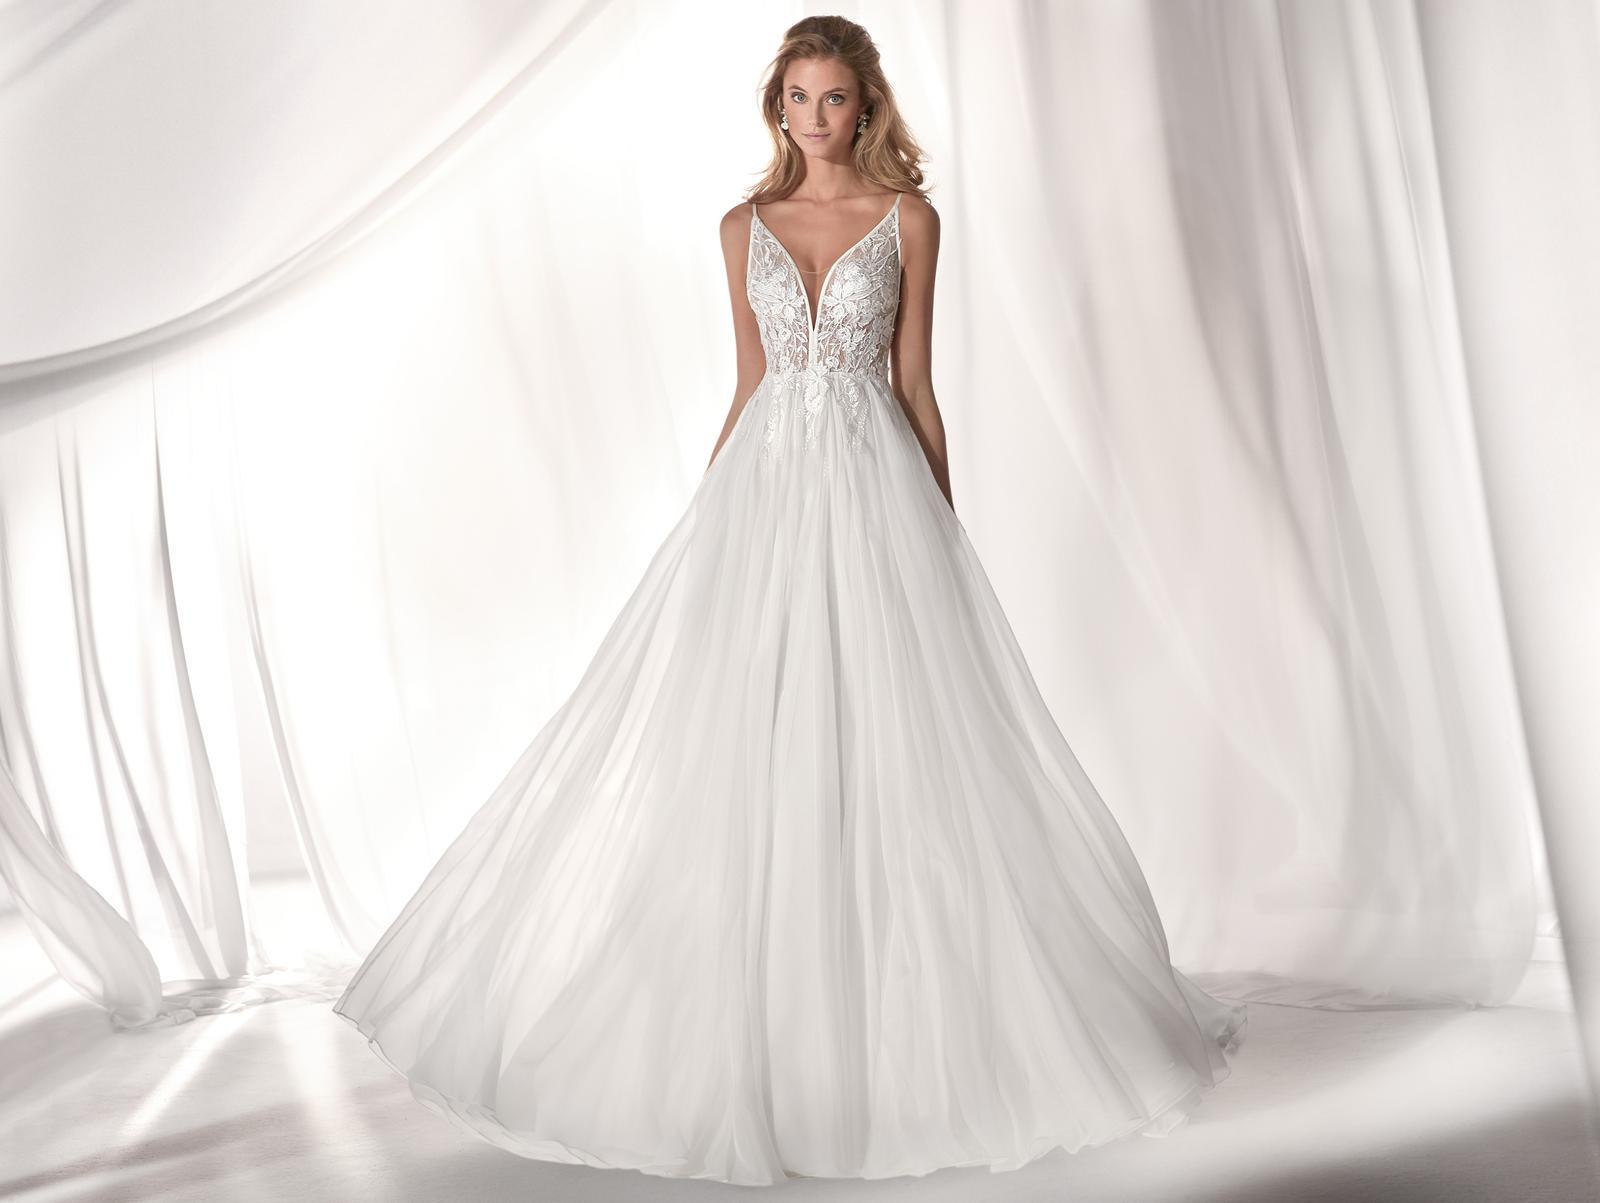 Svadobné šaty z kolekcií na rok 2019 - Obrázok č. 85